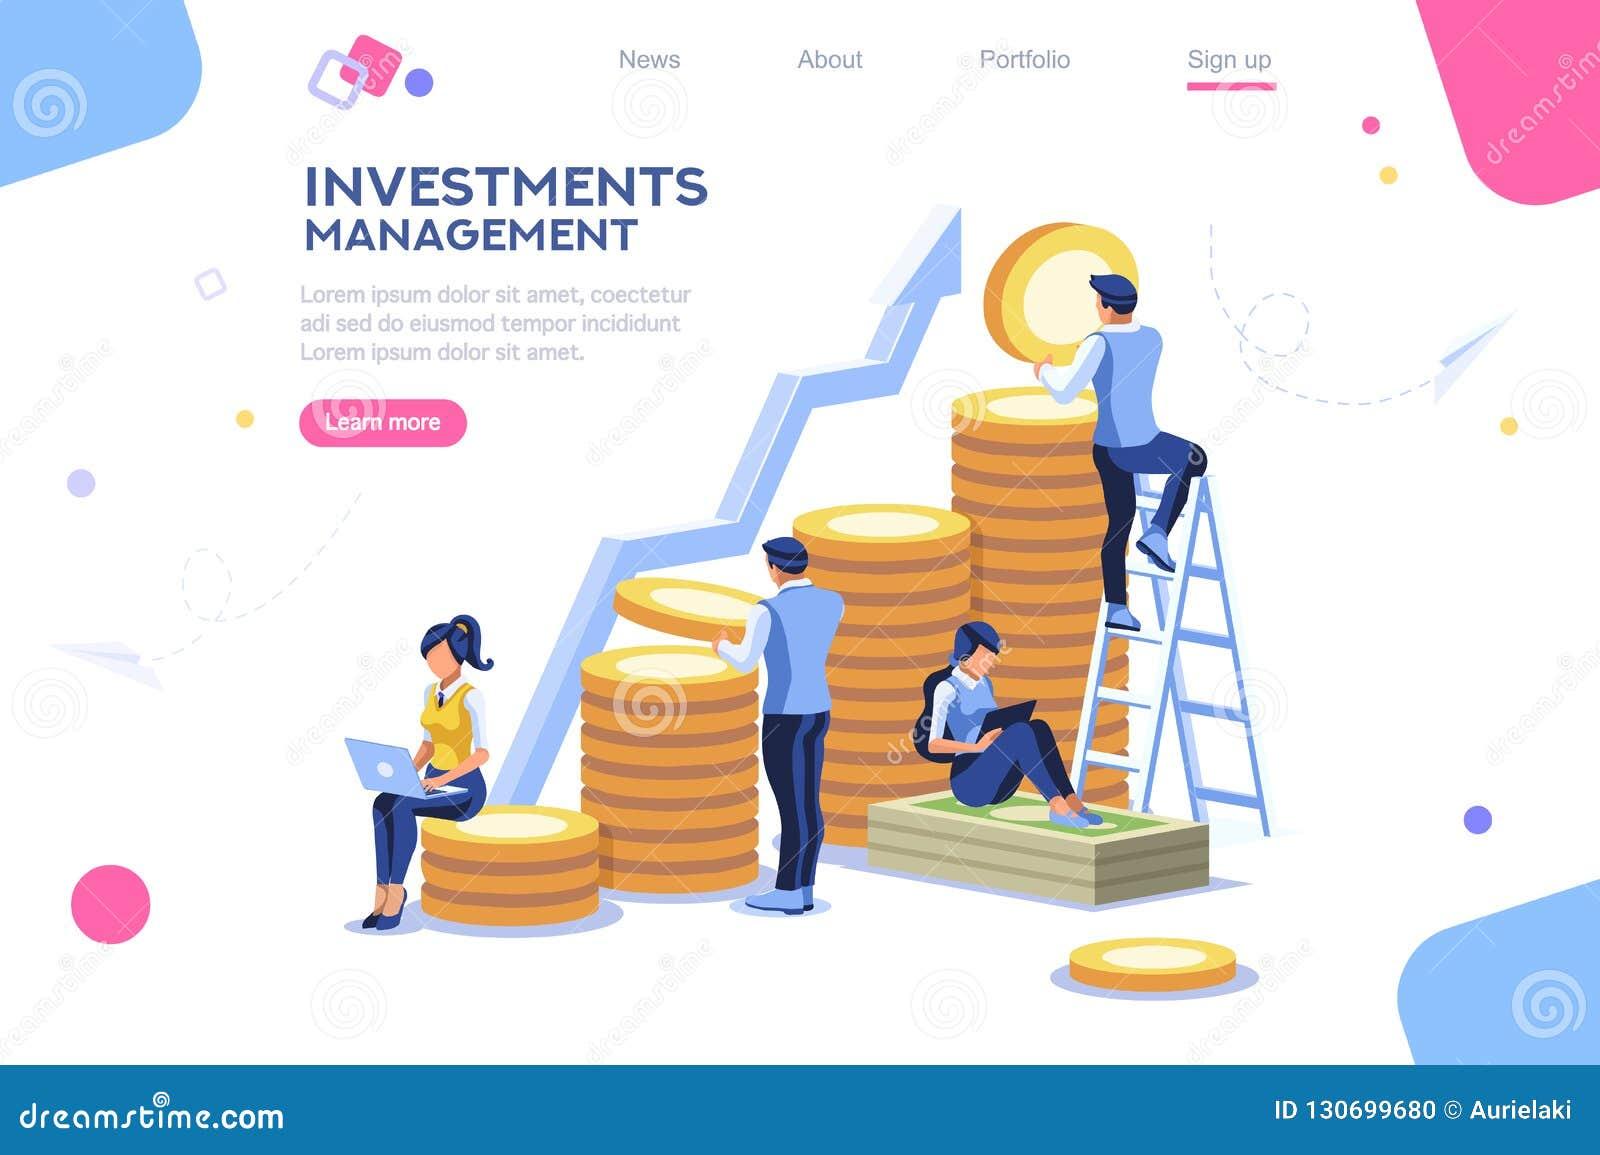 Альтернативный прогресс, объявление здания, управление инвестициями для компании